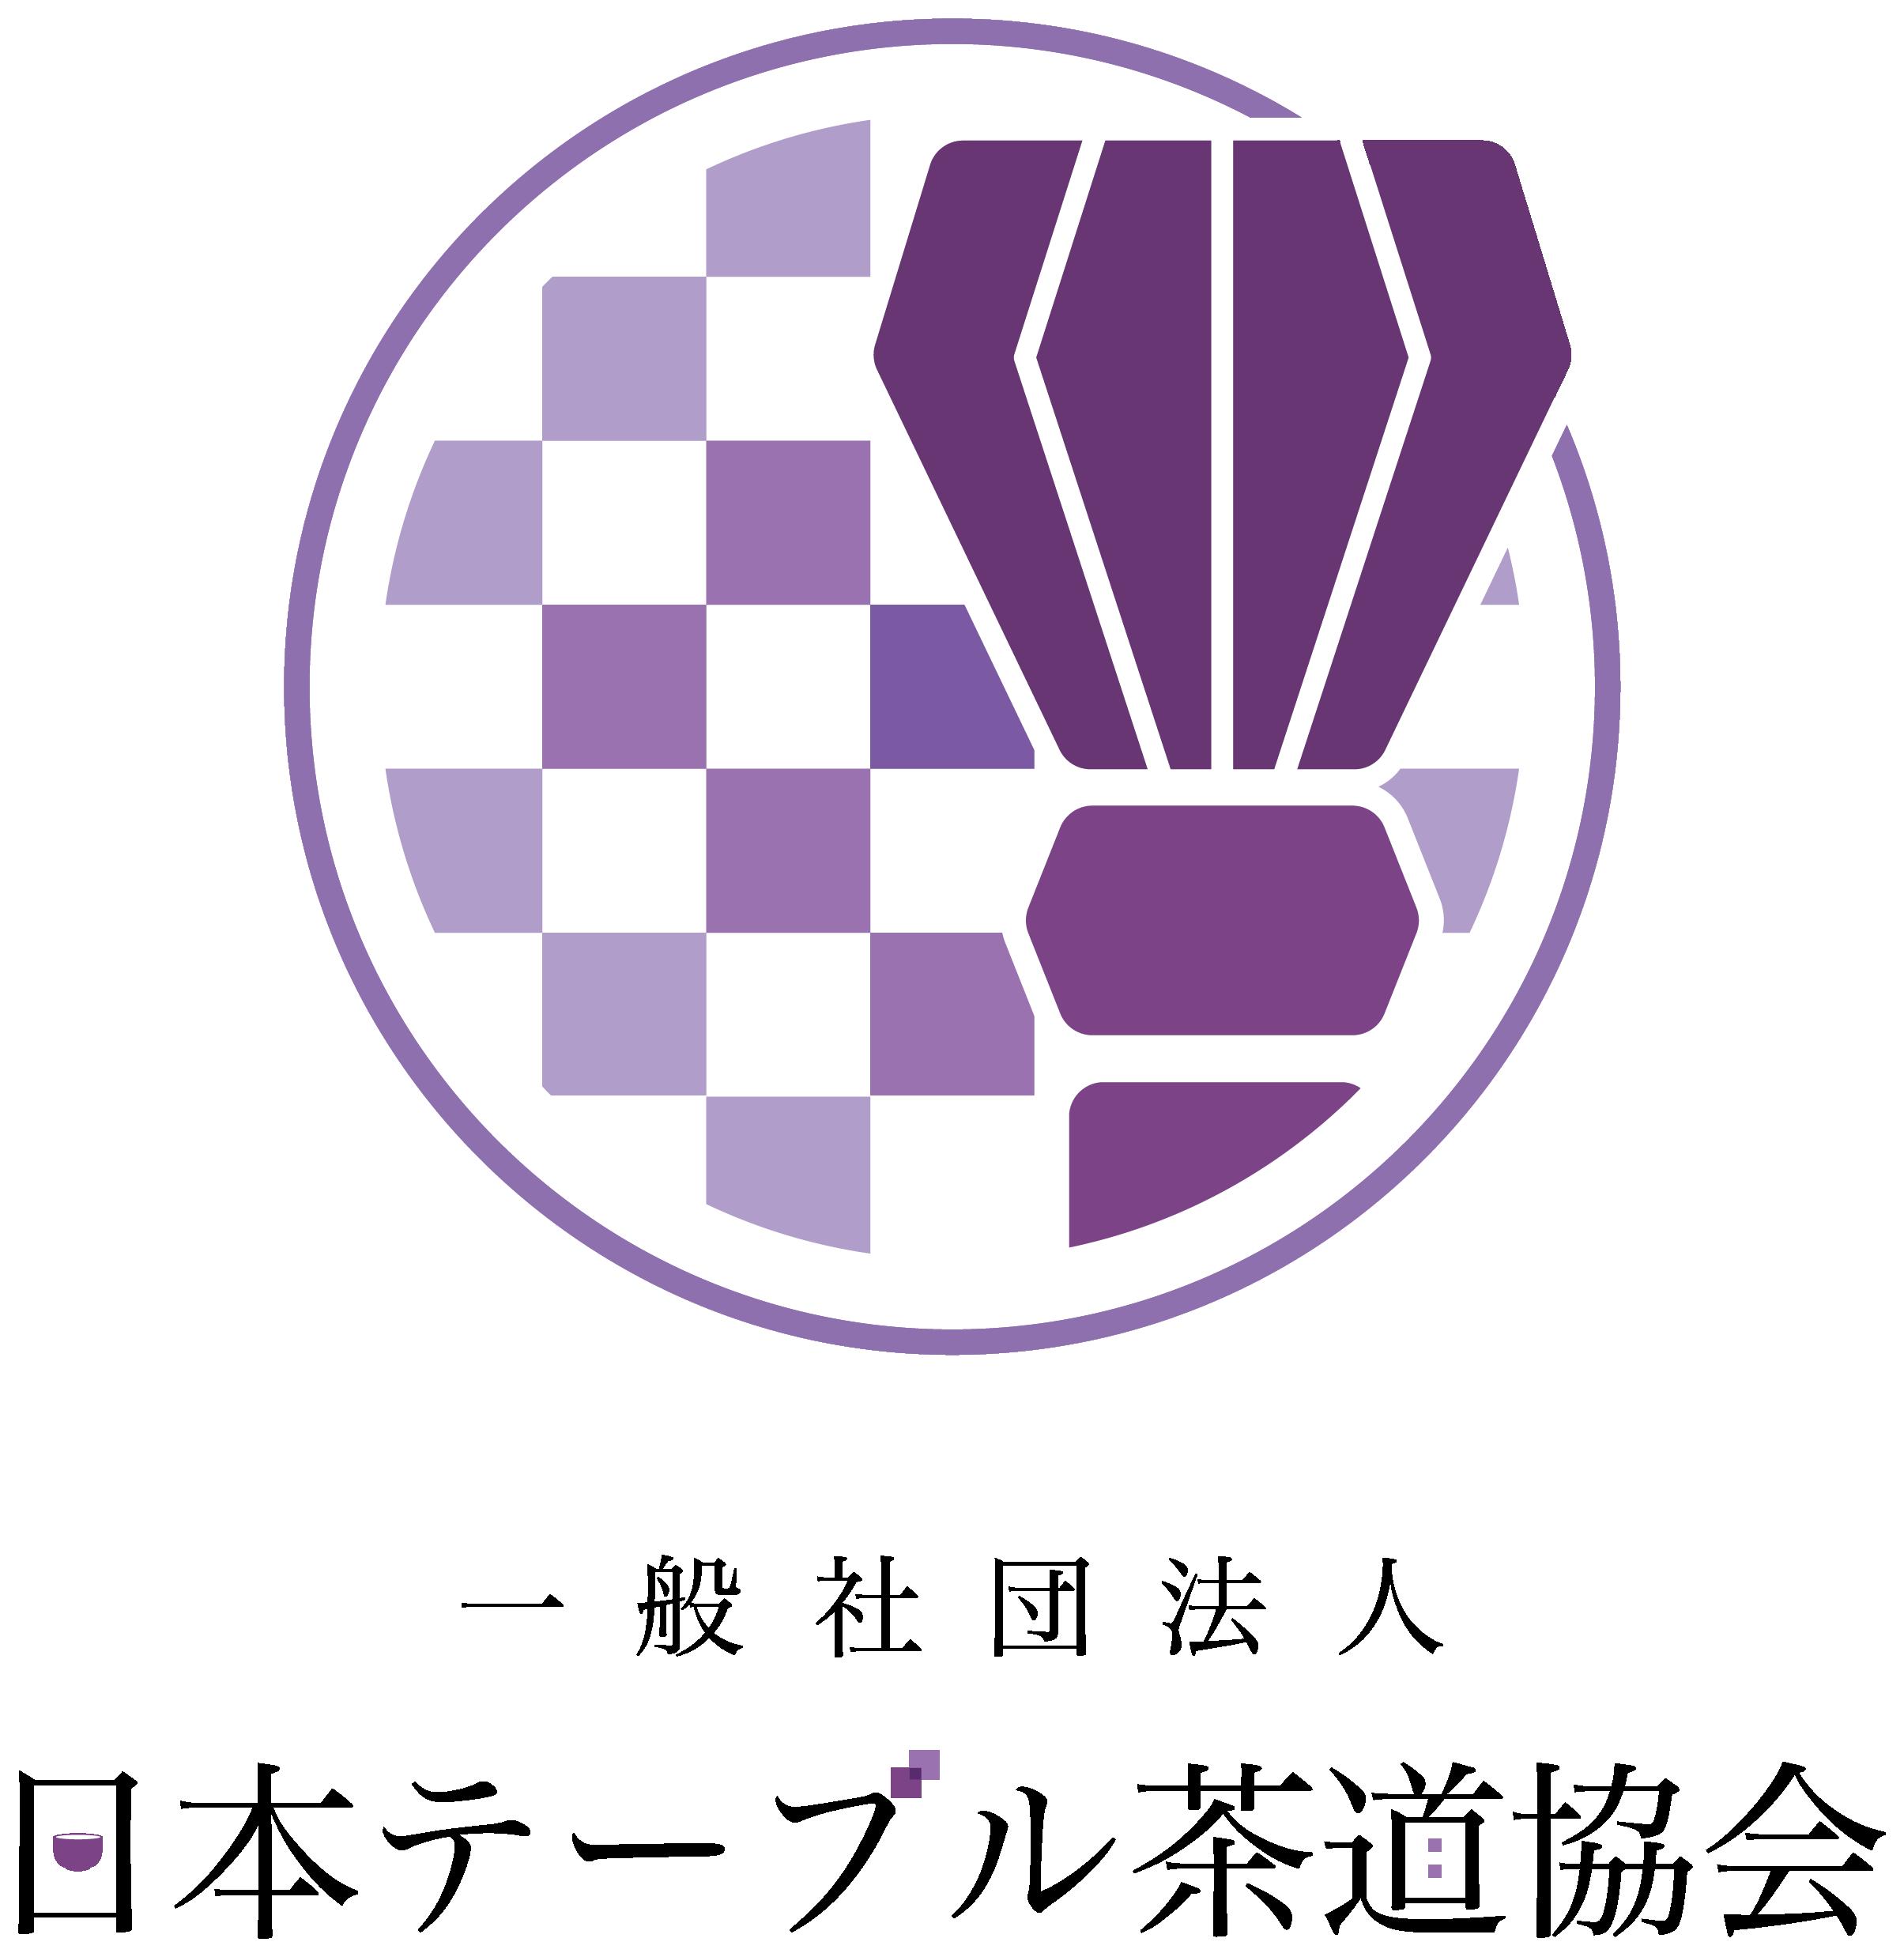 行政/公的機関/各種団体と親しみ/優しいと紫のロゴ